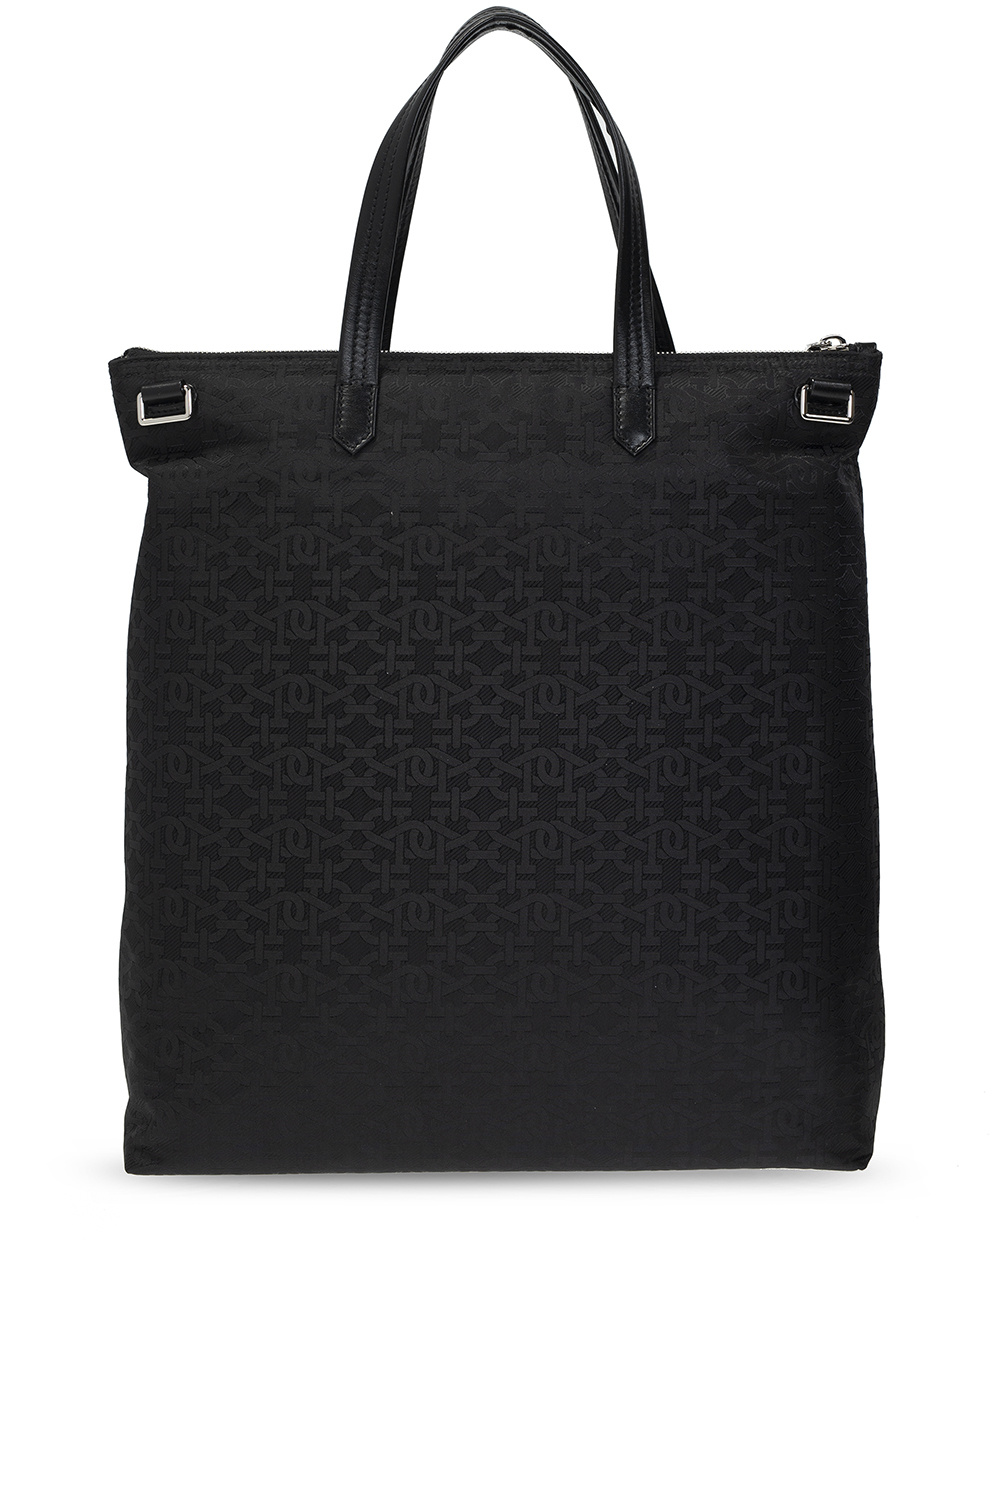 Bally 'Adrik' shoulder bag